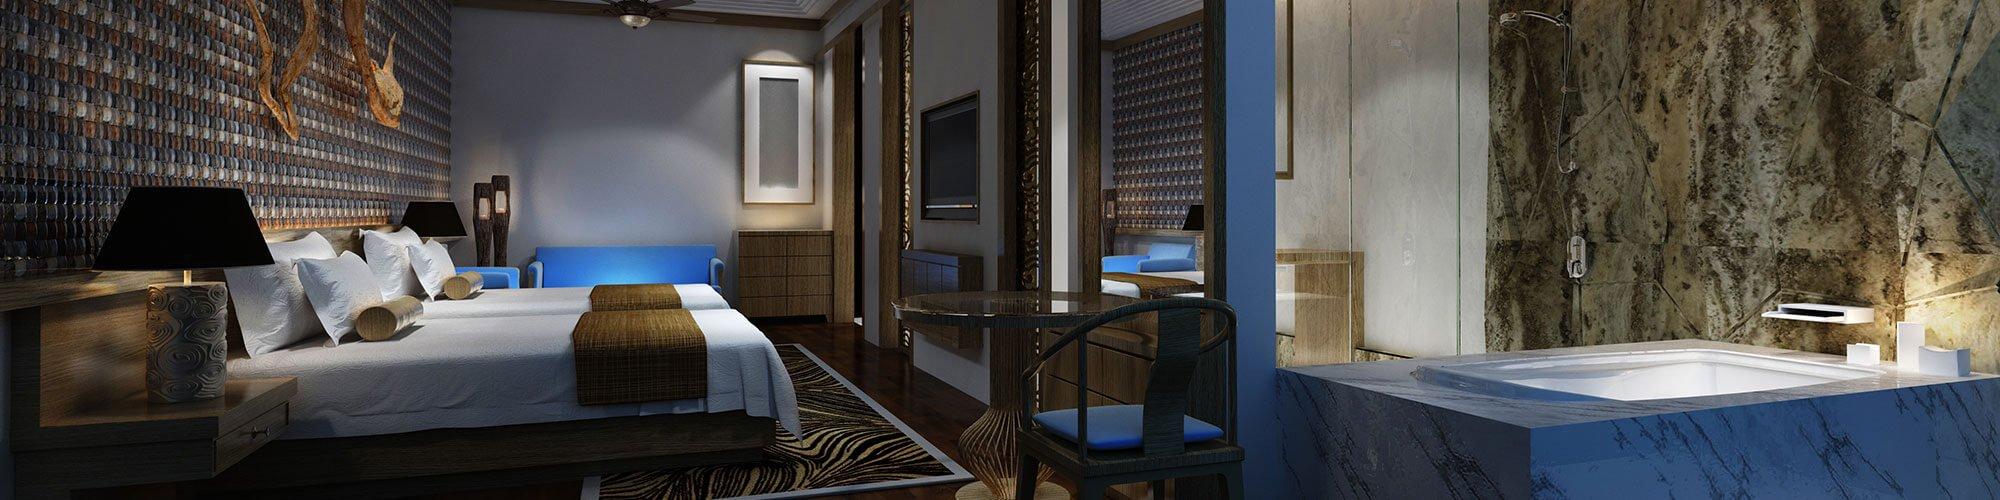 Resultado de imagen para hoteles 2000x500